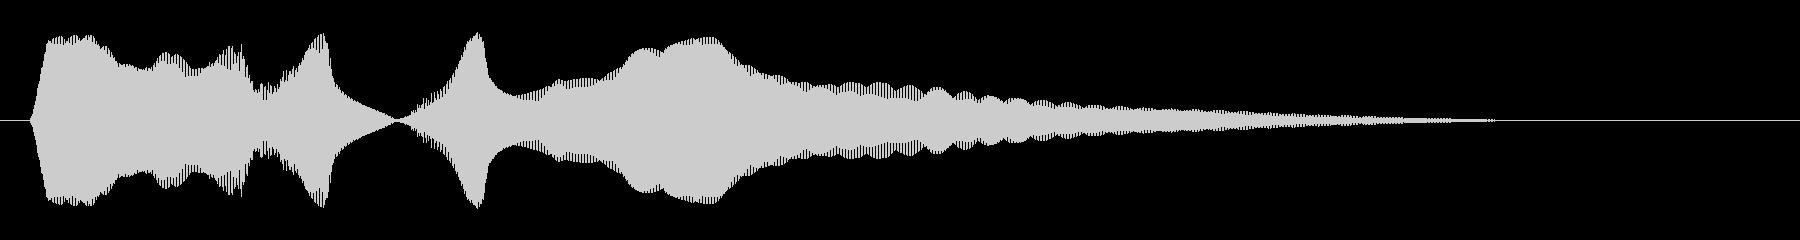 キュイーン(金属音系)の未再生の波形